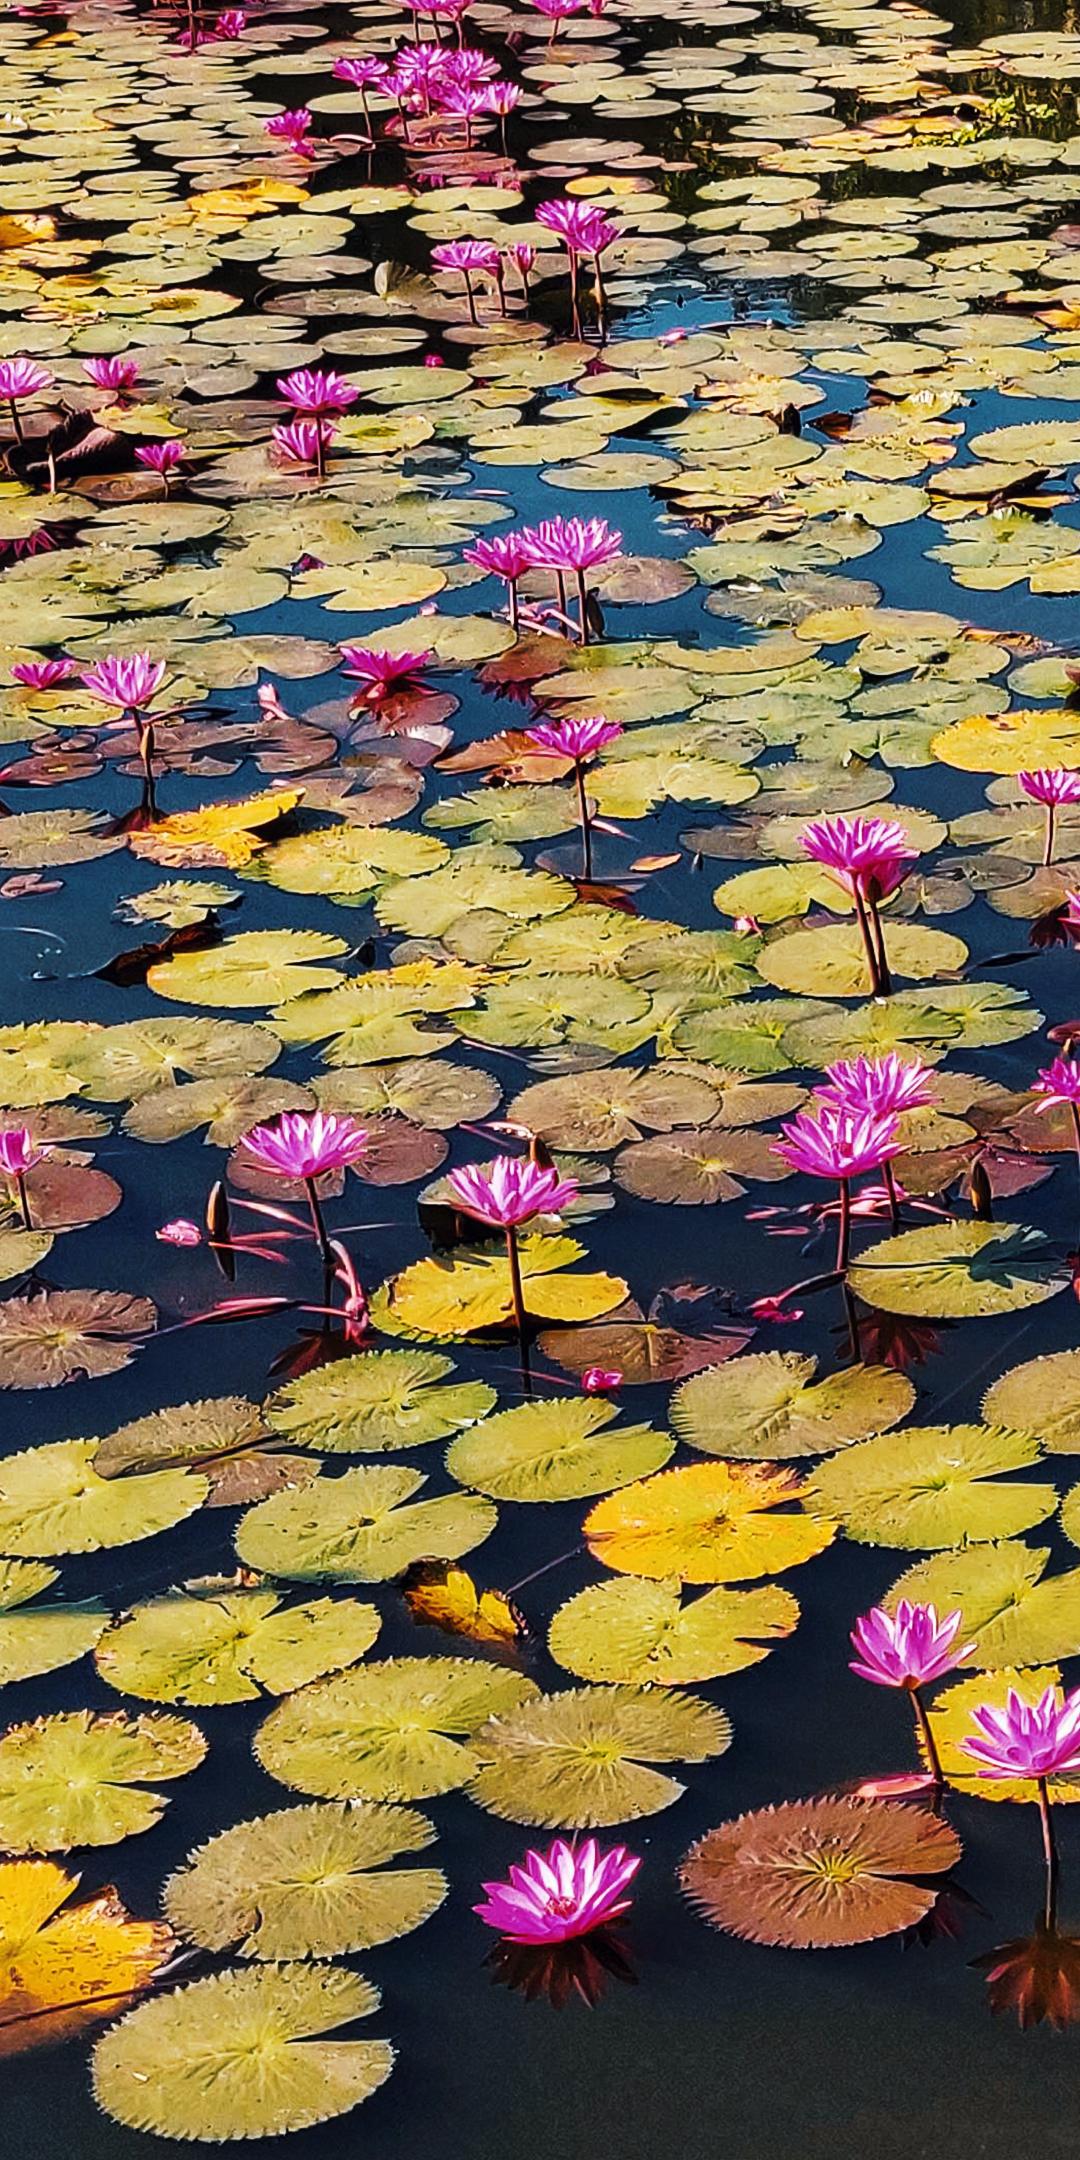 Bangladesh-Mariya.jpg